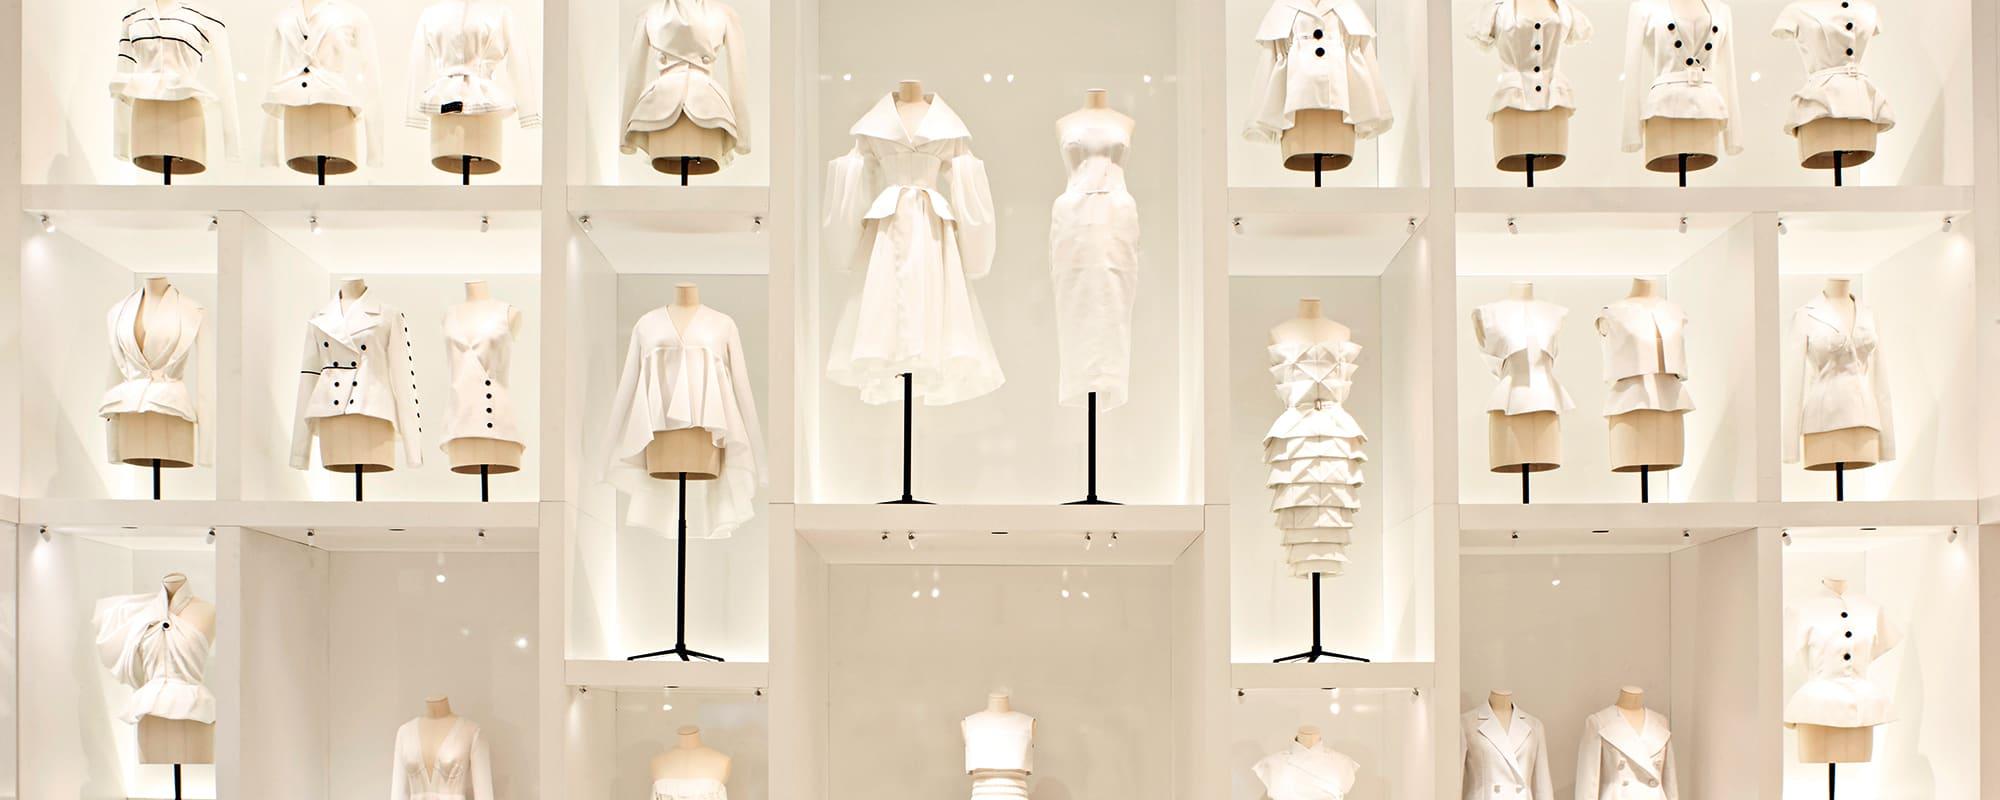 Dior Archiv, Musée des Arts Décoratifs Dior